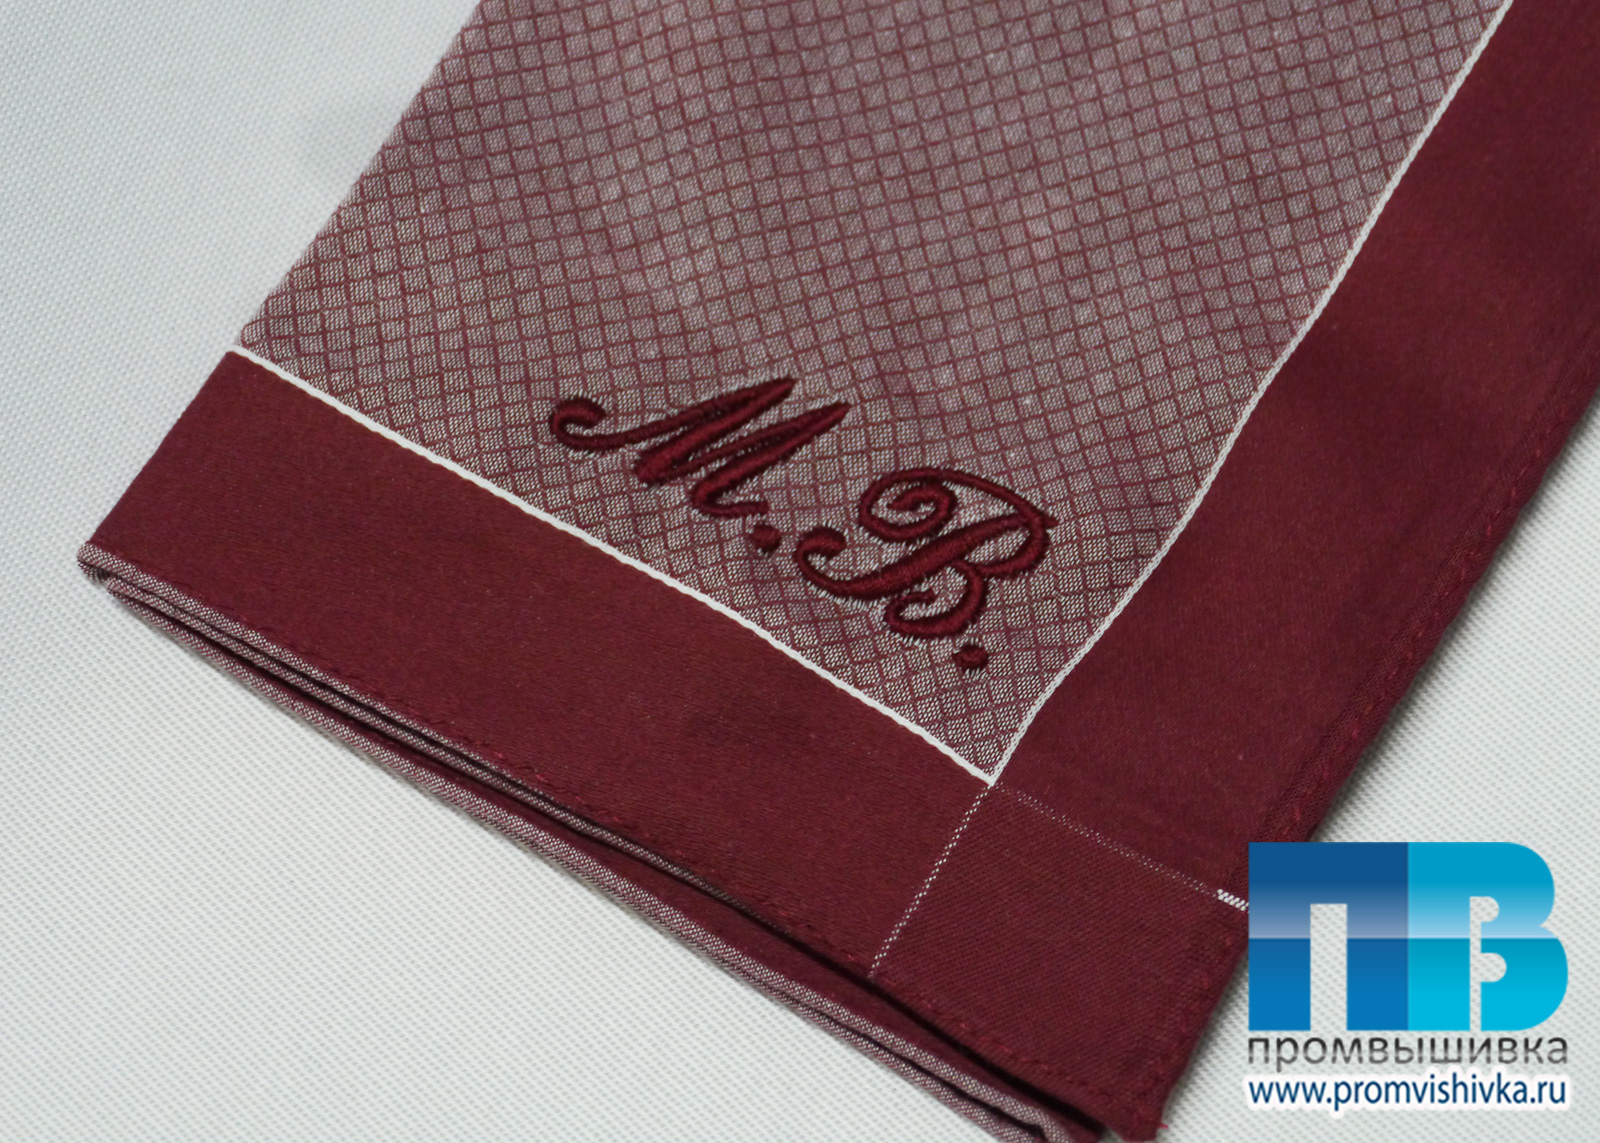 Вышивка платка с инициалами